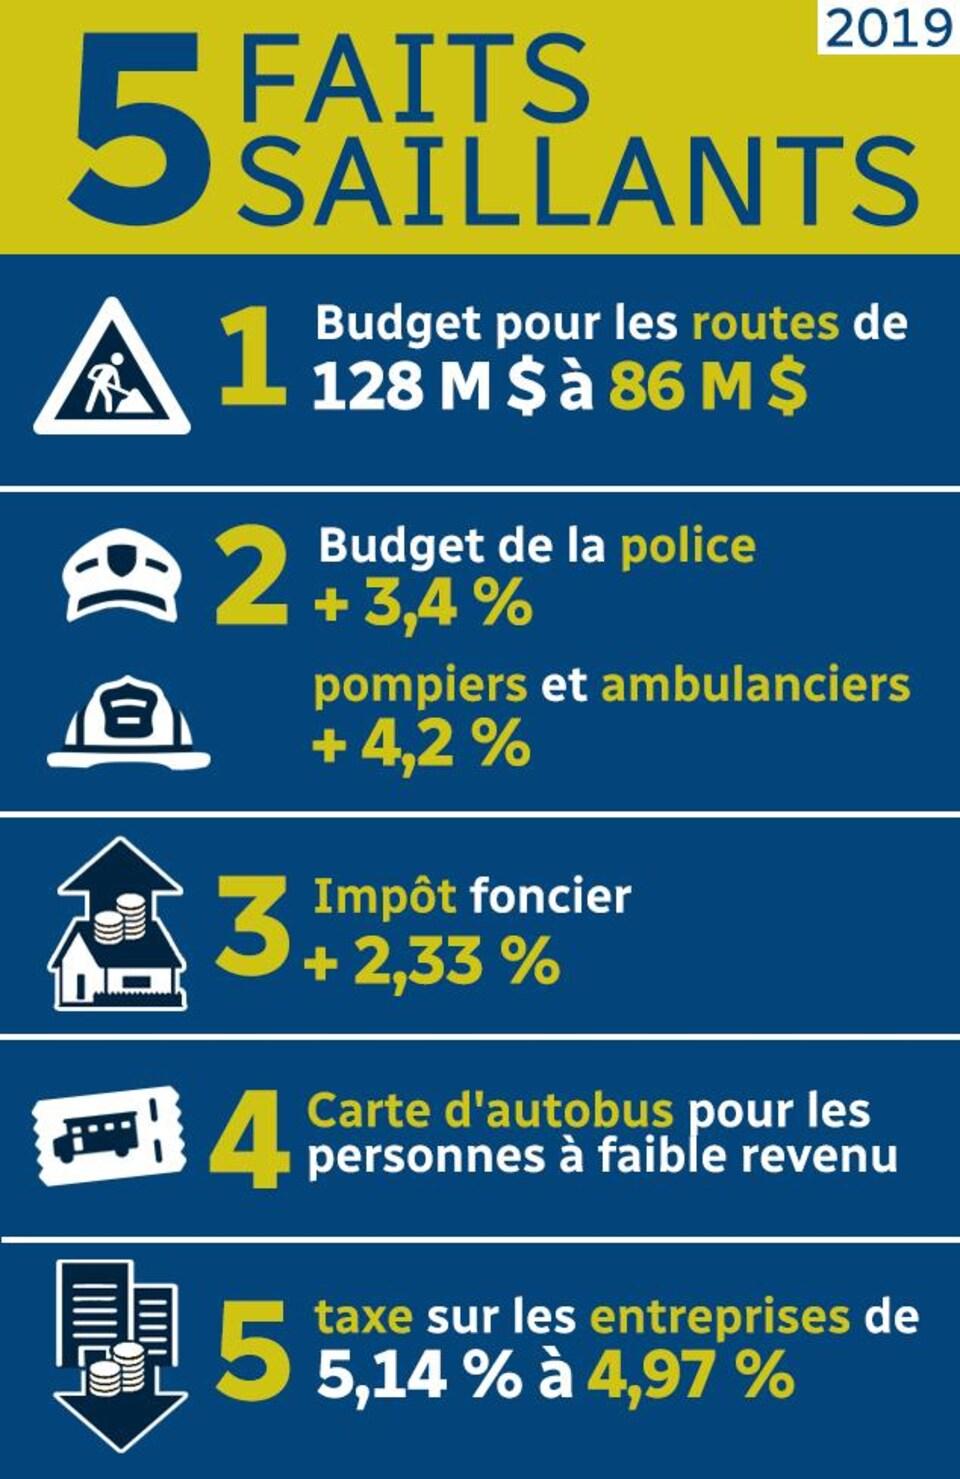 Le budget de Winnipeg pour 2019 en 5 faits saillants.